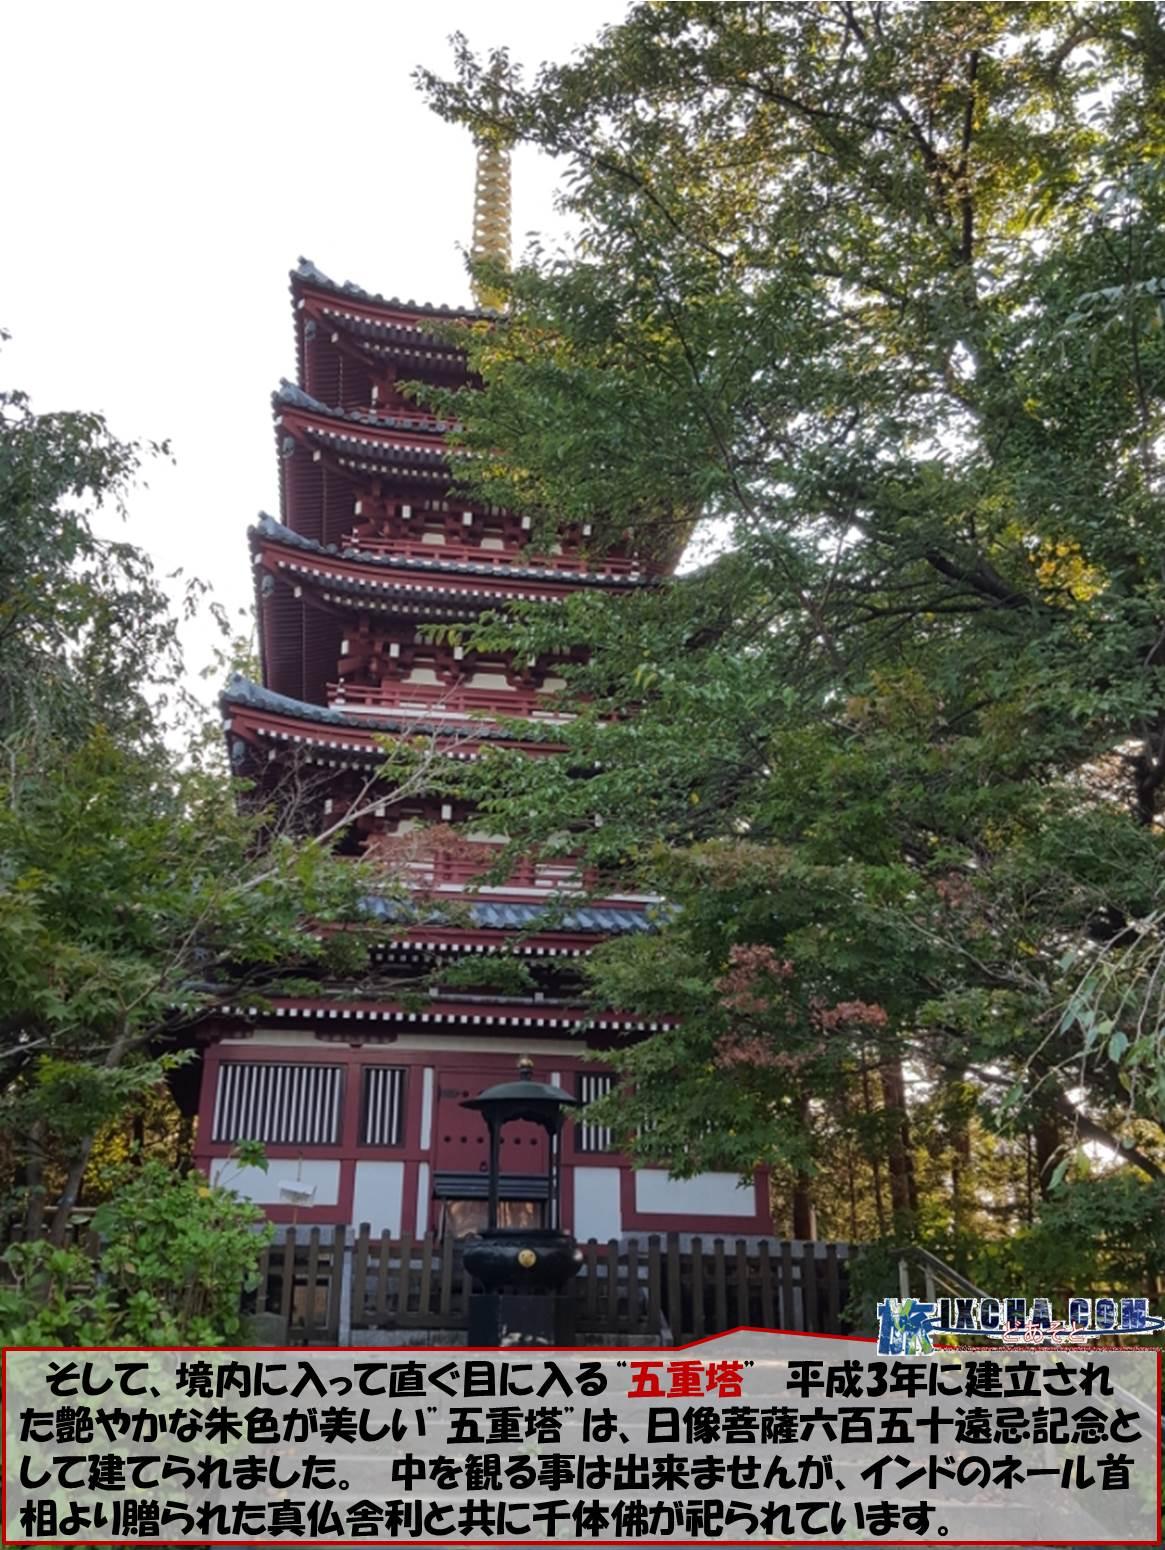 """そして、境内に入って直ぐ目に入る""""五重塔"""" 平成3年に建立された艶やかな朱色が美しい""""五重塔""""は、日像菩薩六百五十遠忌記念として建てられました。 中を観る事は出来ませんが、インドのネール首相より贈られた真仏舎利と共に千体佛が祀られています。"""